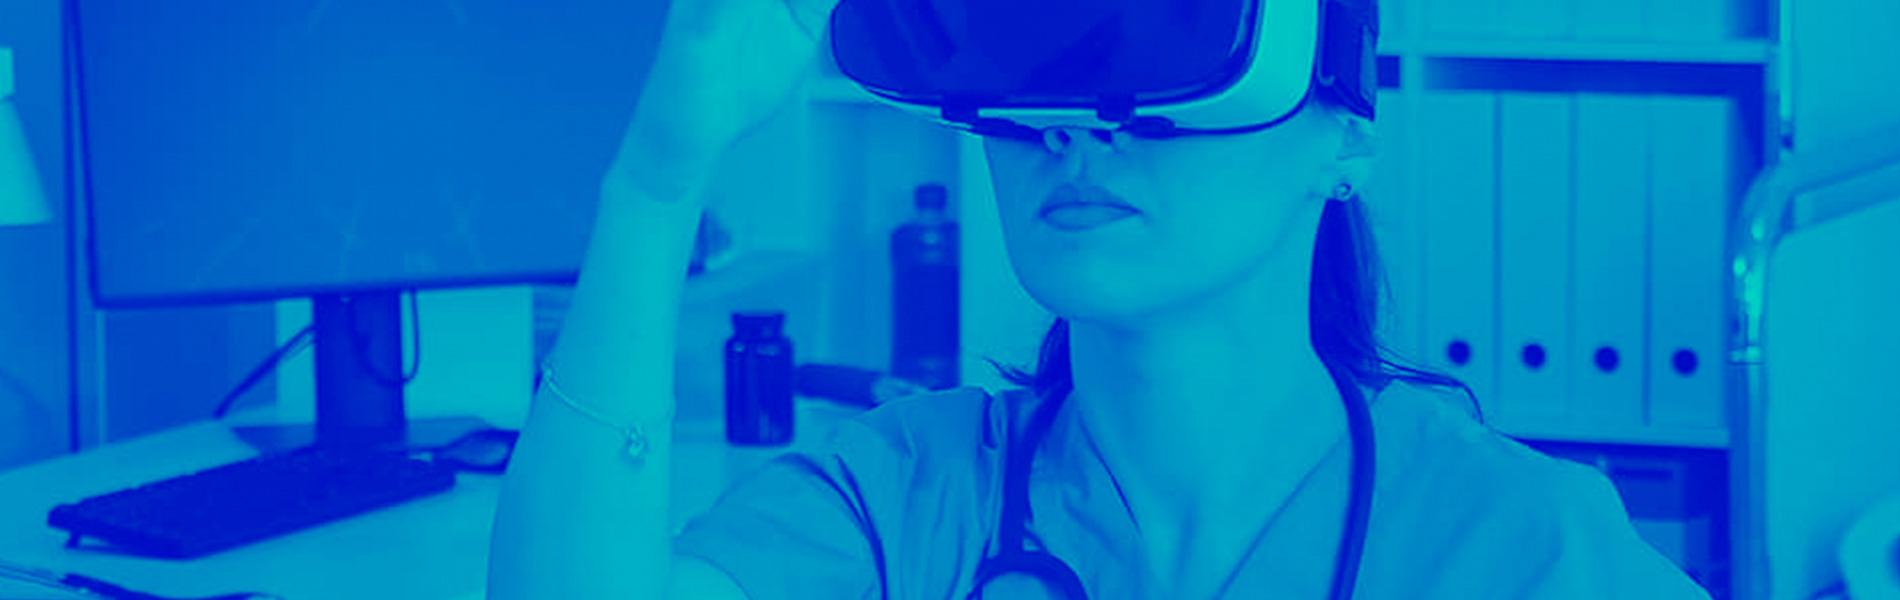 La realidad virtual en la medicina